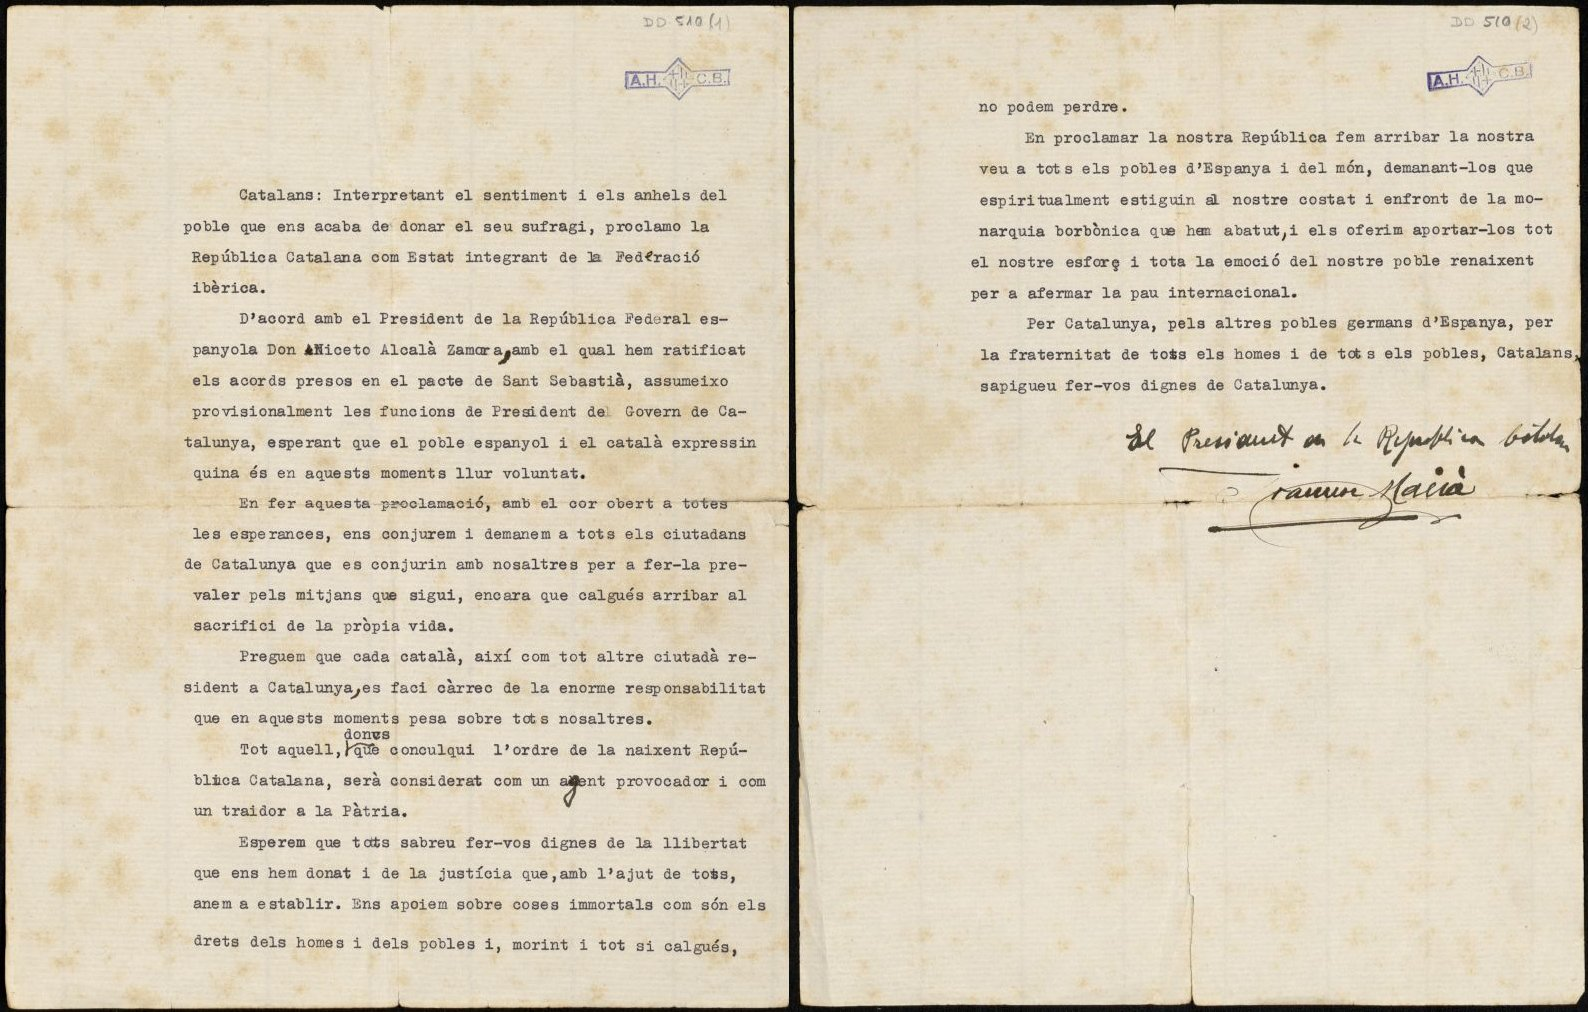 Mecanoscrit signat pel president Francesc Macià, del text de la seva al·locució des del balcó del palau de la Generalitat, en la que proclama la República catalana el 14 d'abril de 1931